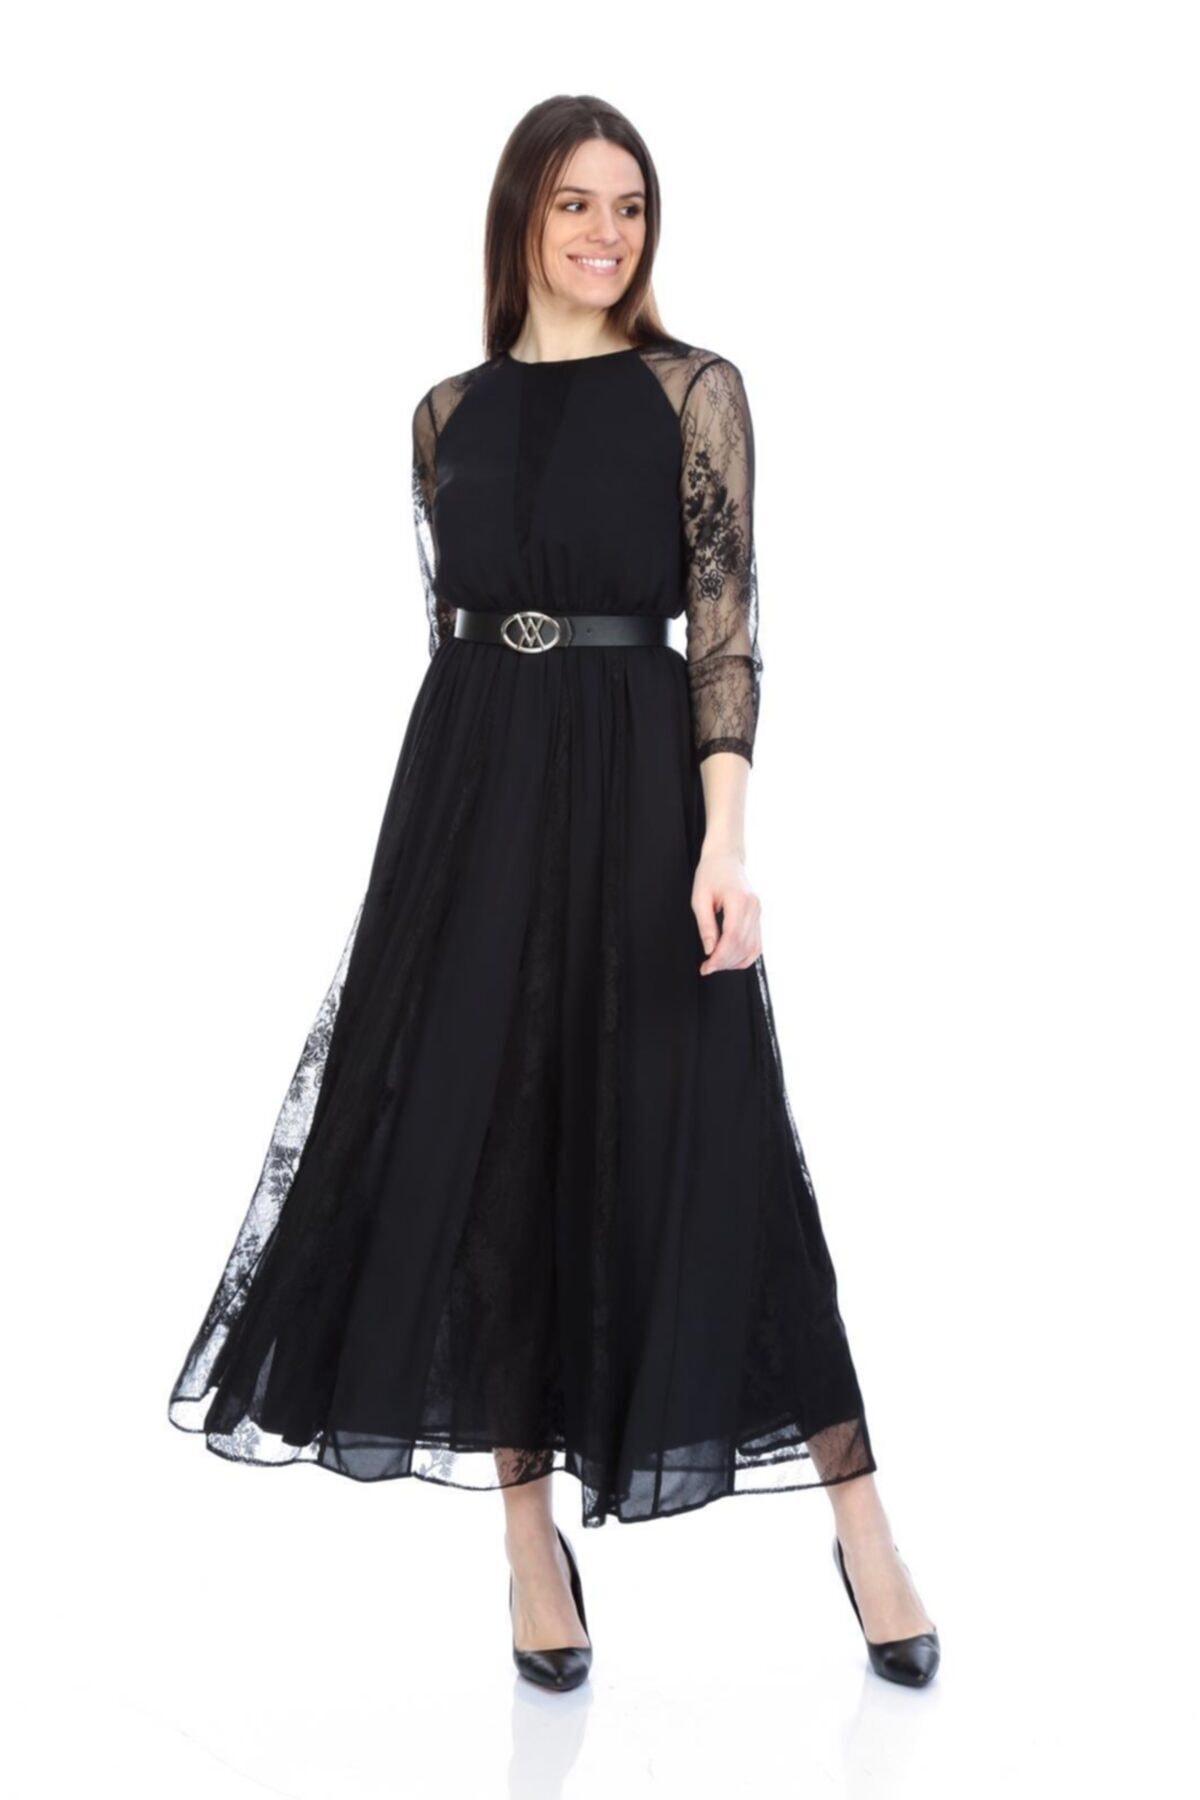 WOMMA Dantel Garnili Şifon Elbise 2